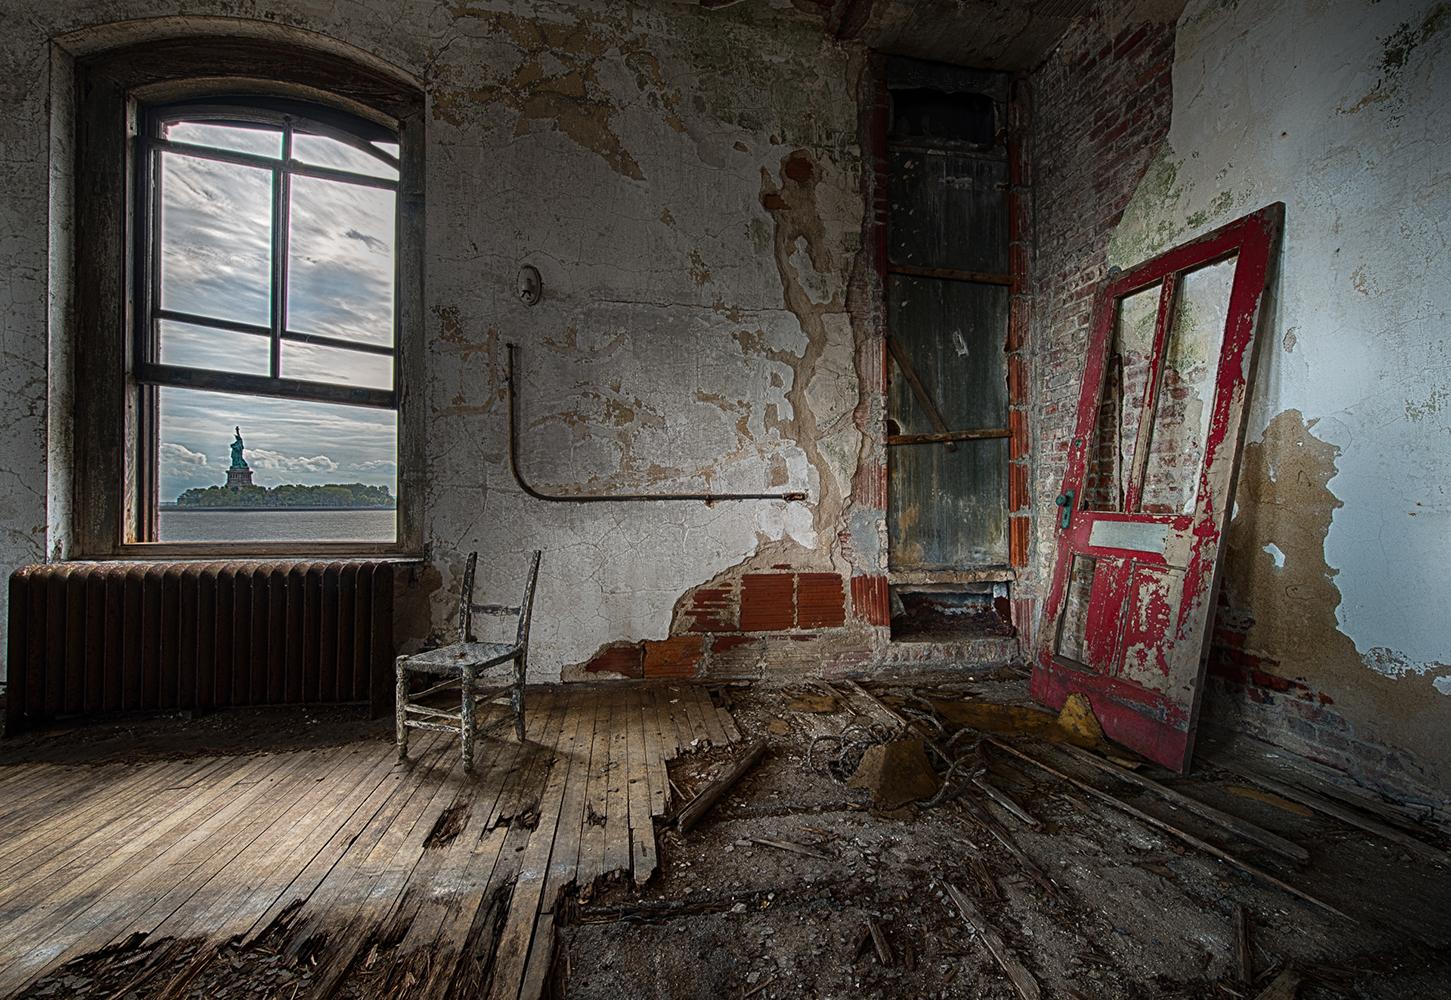 image © John DuBois